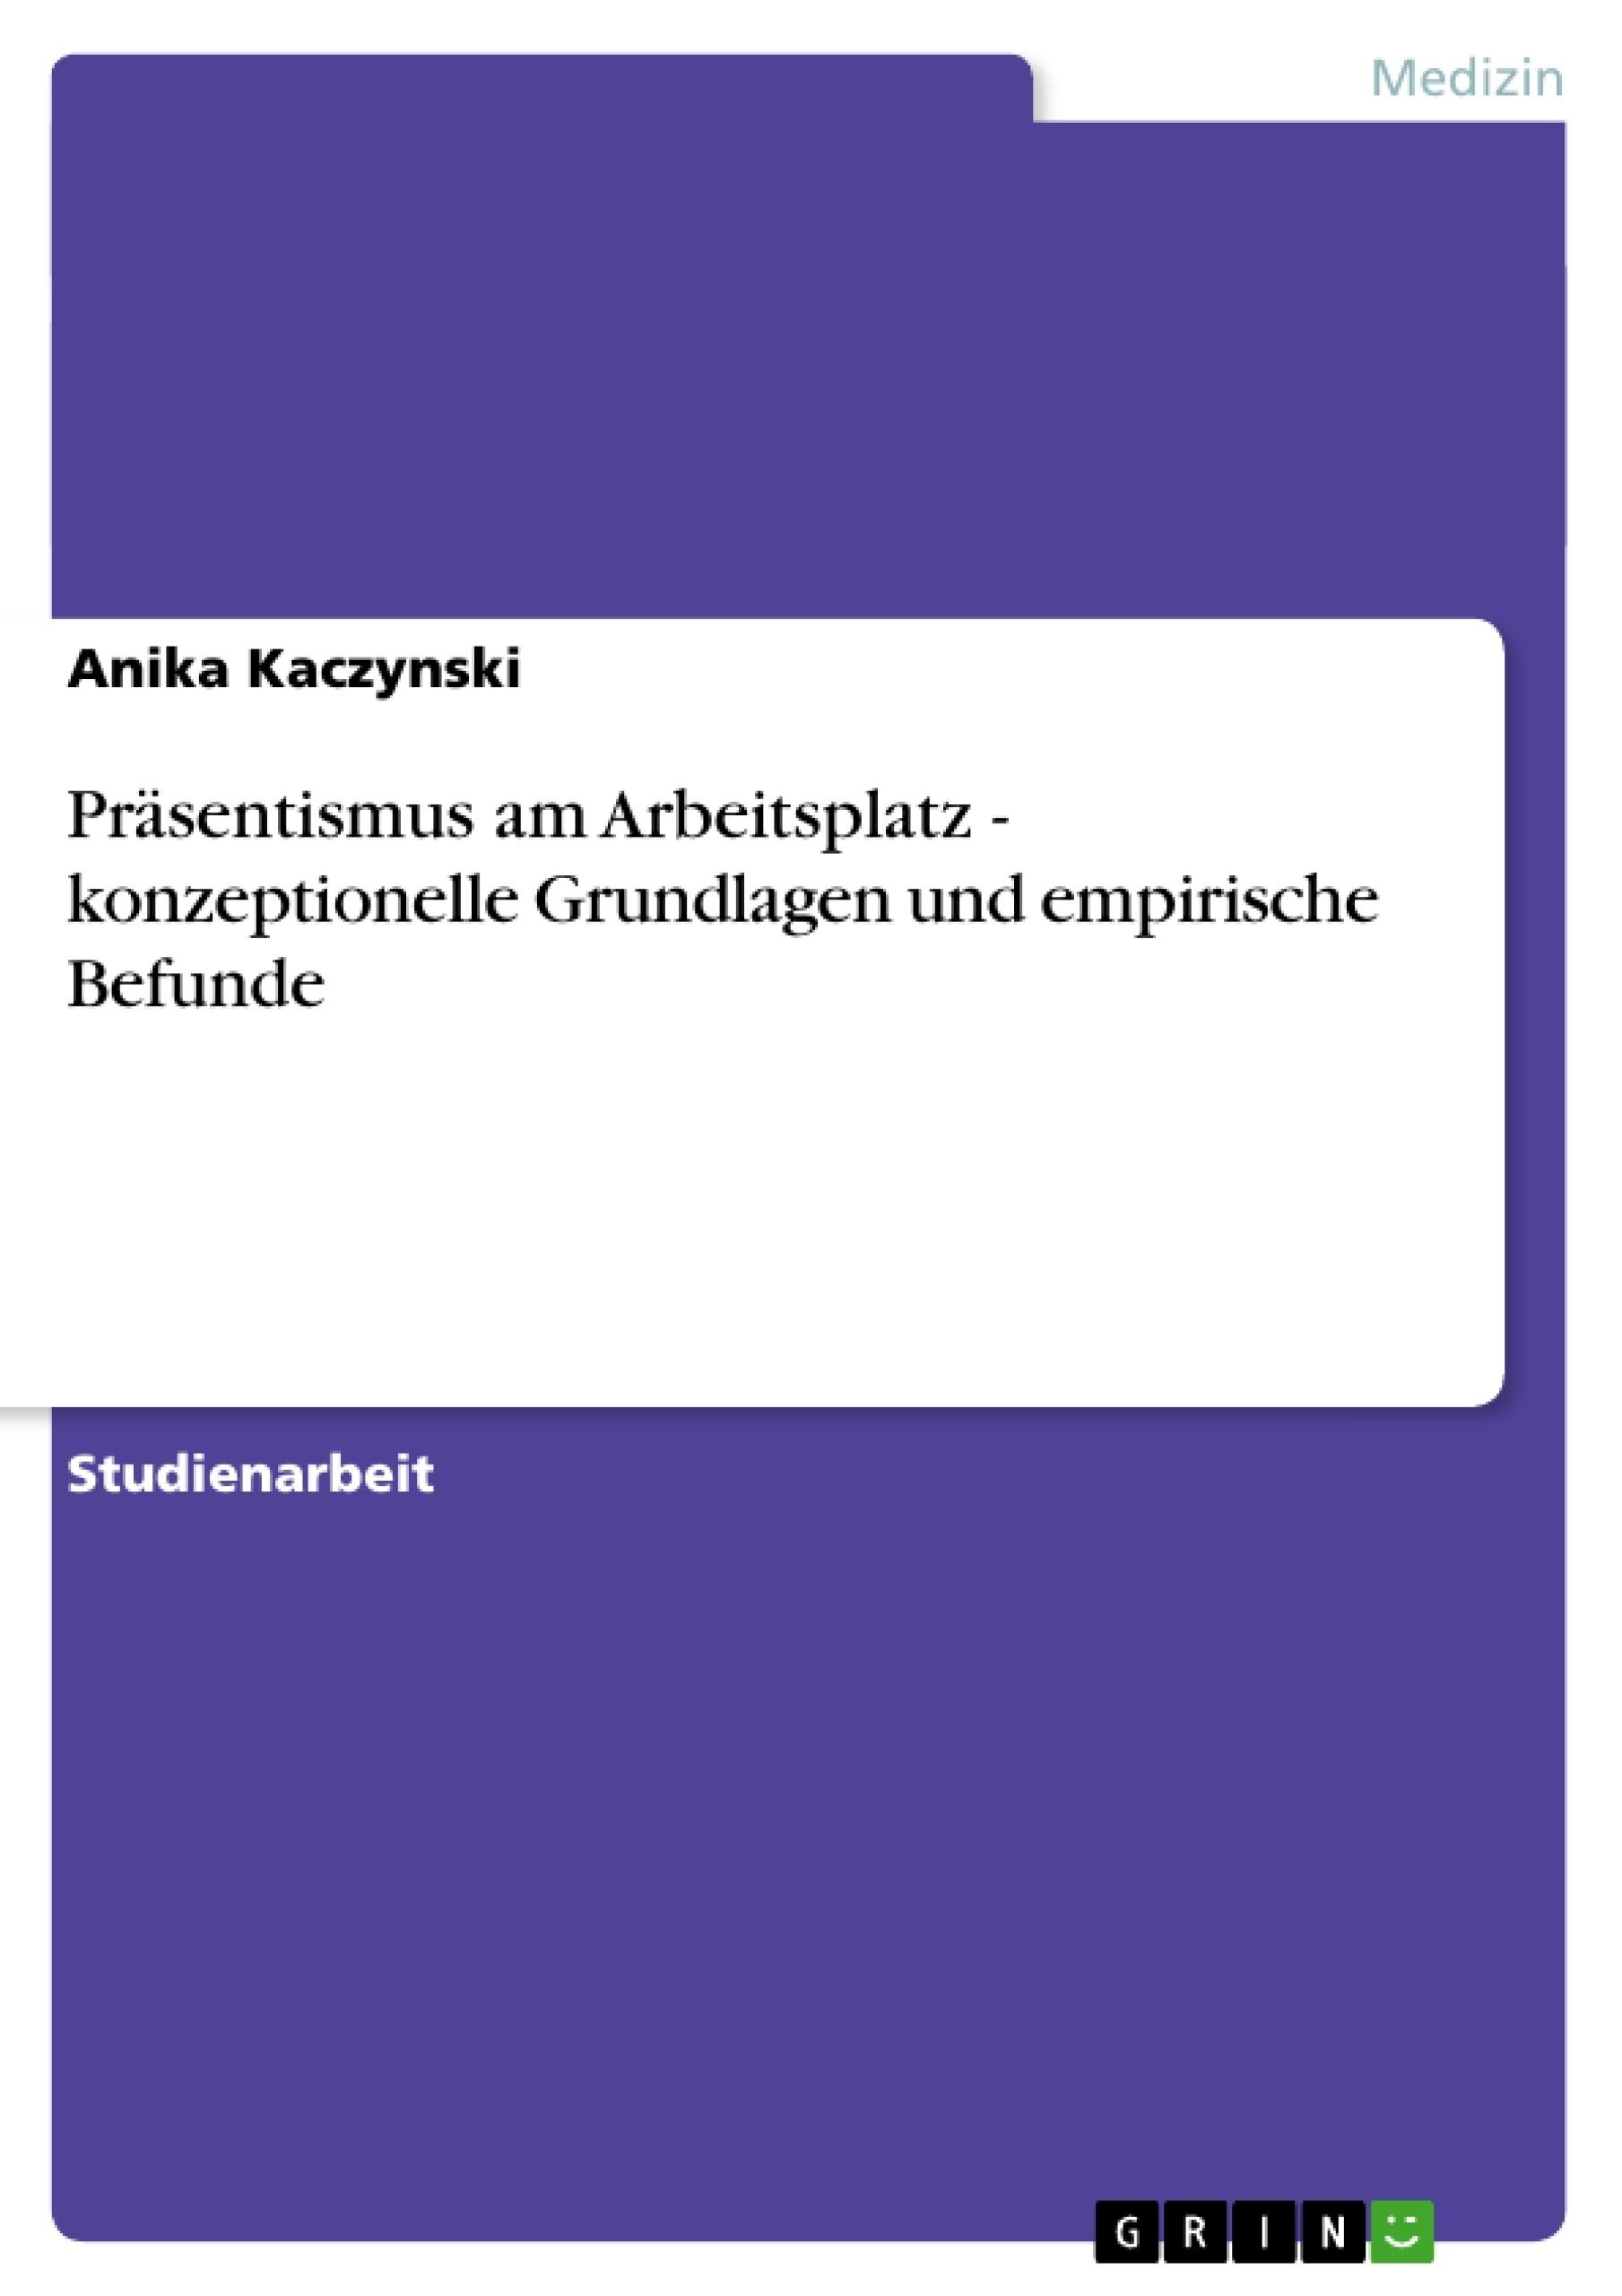 Titel: Präsentismus am Arbeitsplatz - konzeptionelle Grundlagen und empirische Befunde